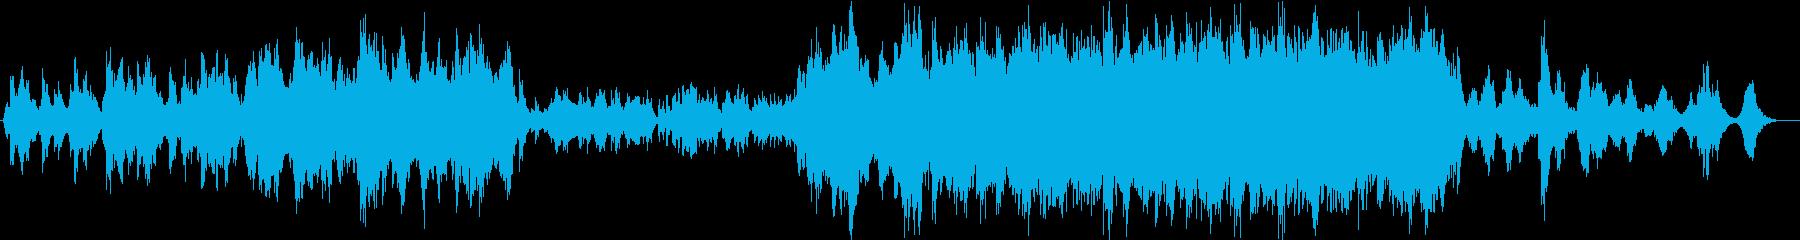 穏やかかつ雄大な和風BGMの再生済みの波形